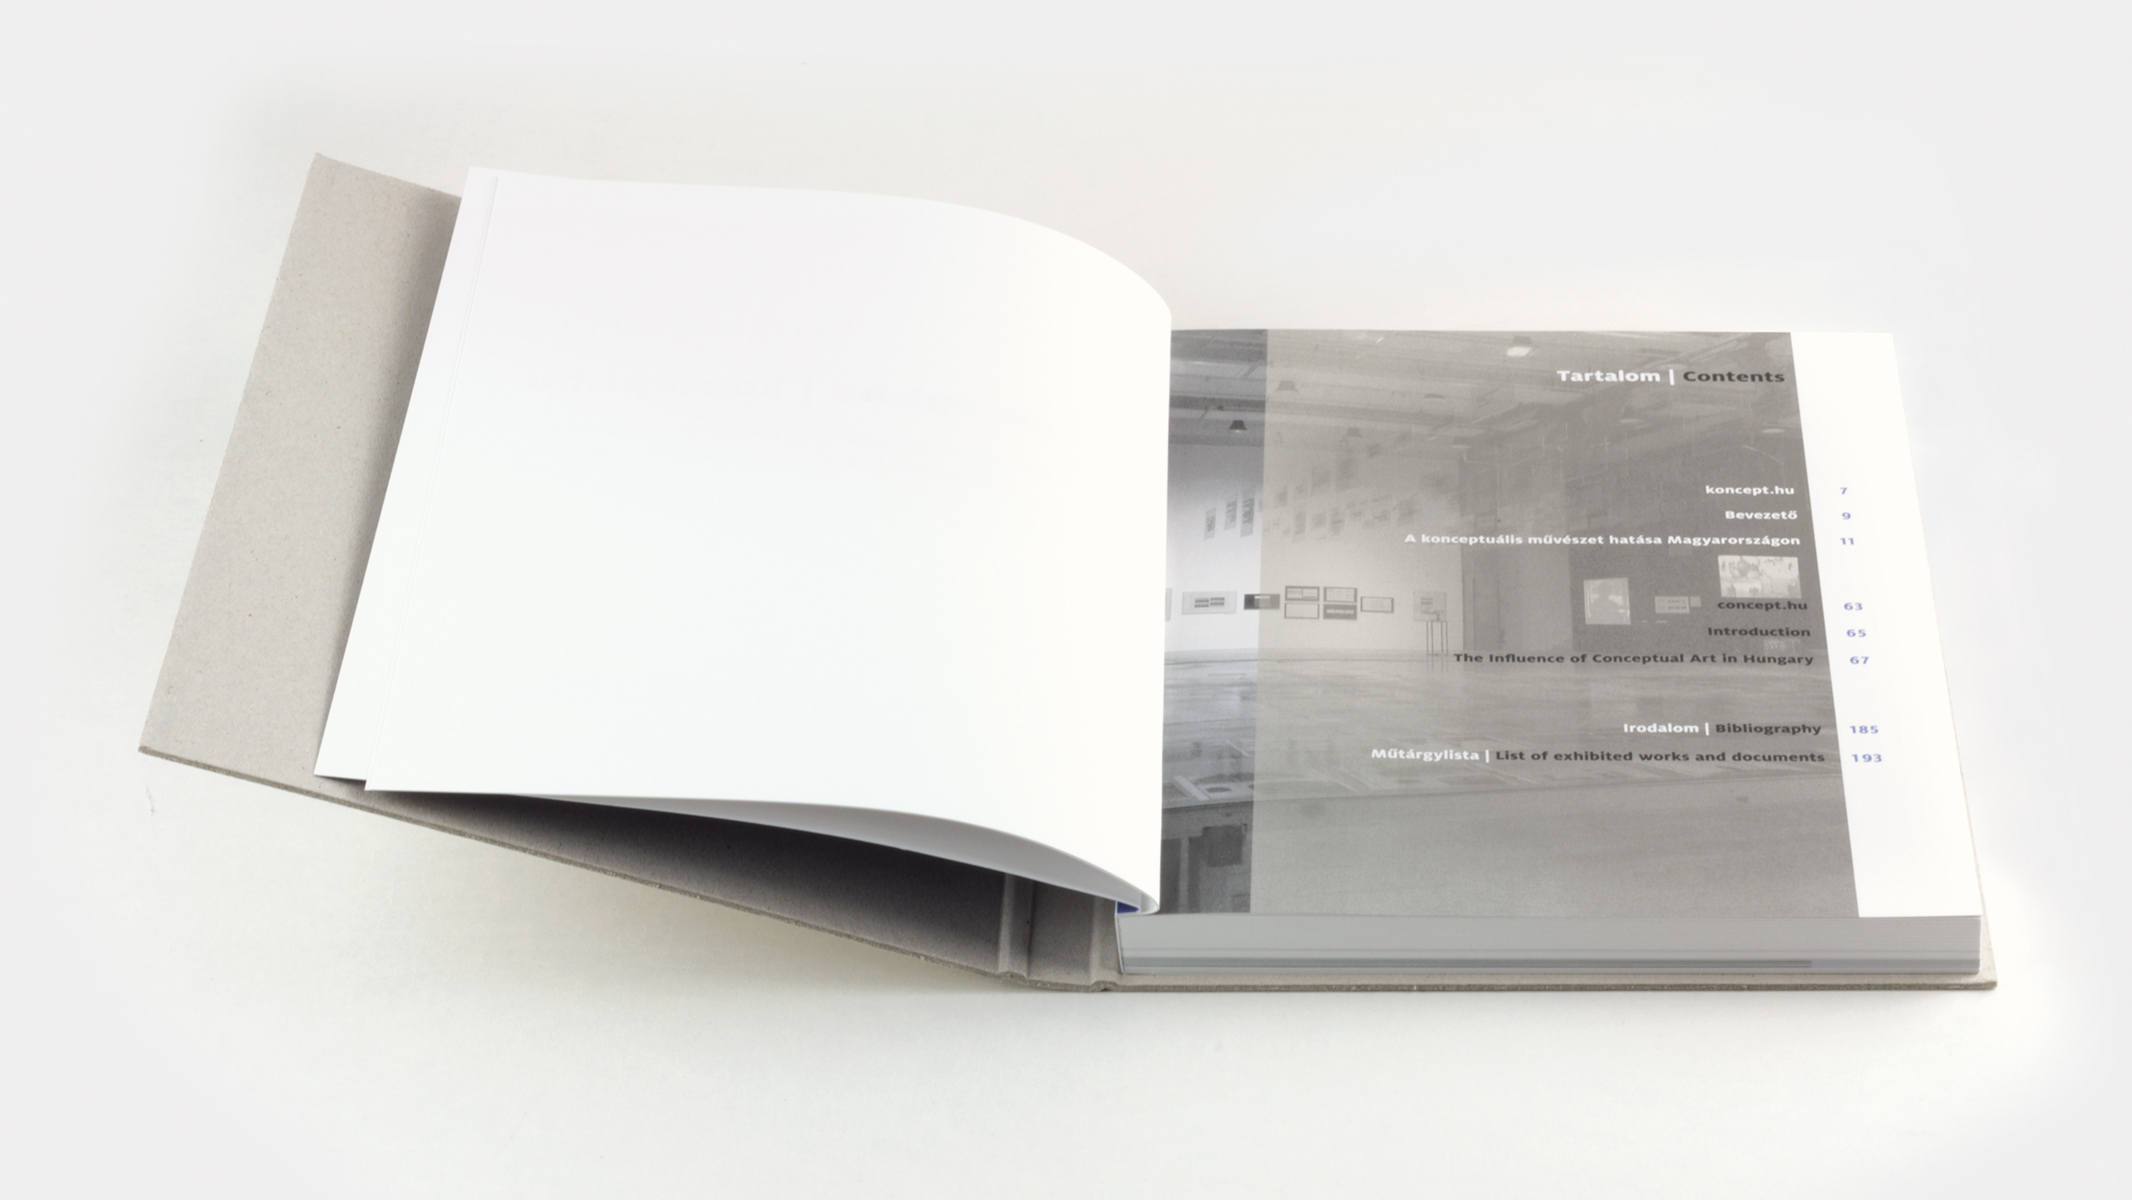 koncept-hu-2132x1200-02